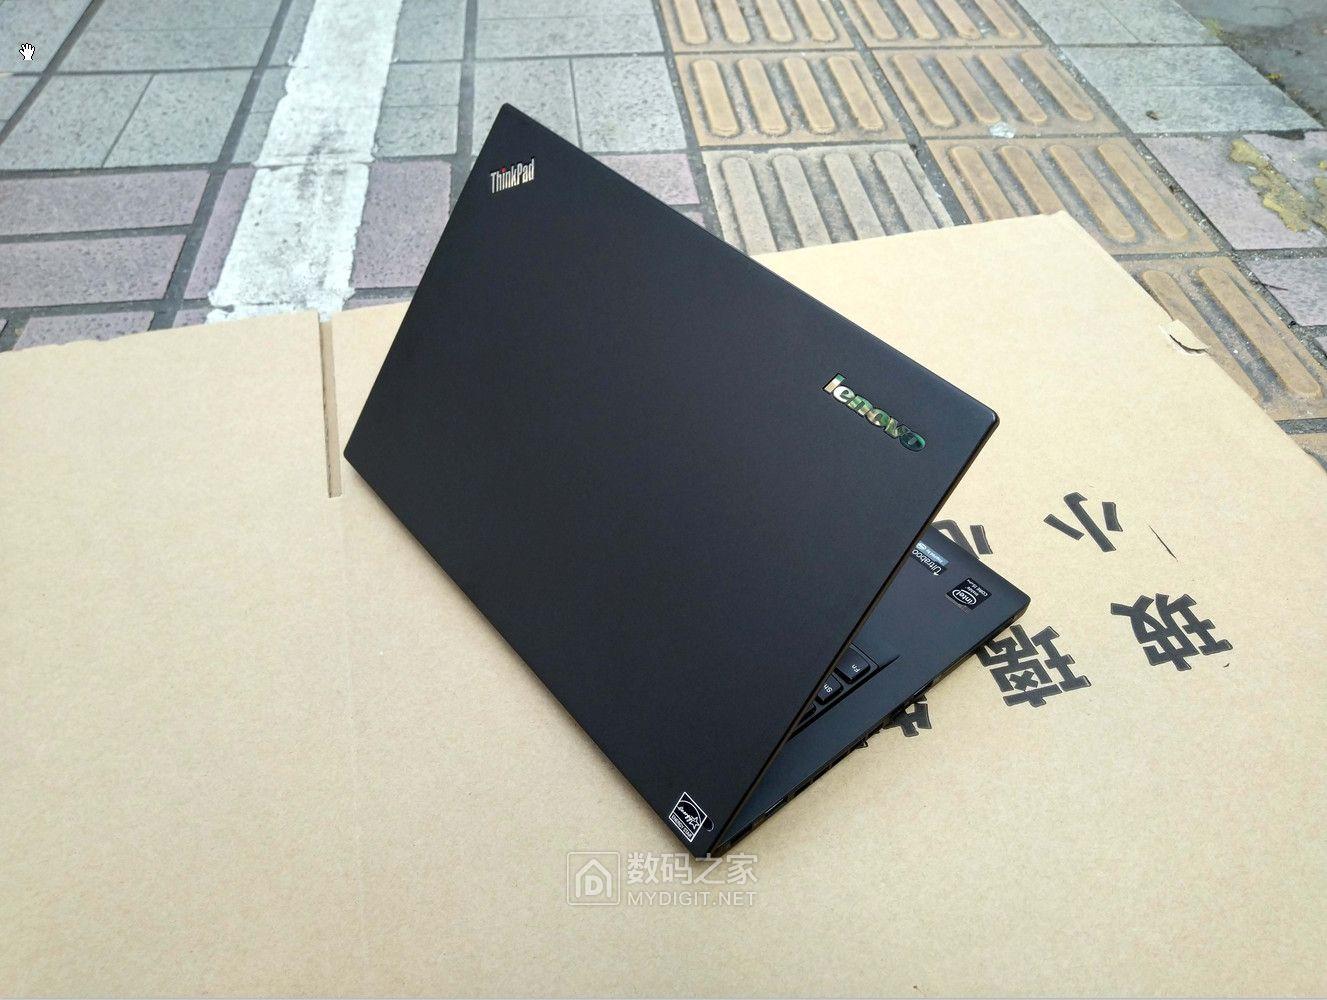 ThinkPad T440S超级本